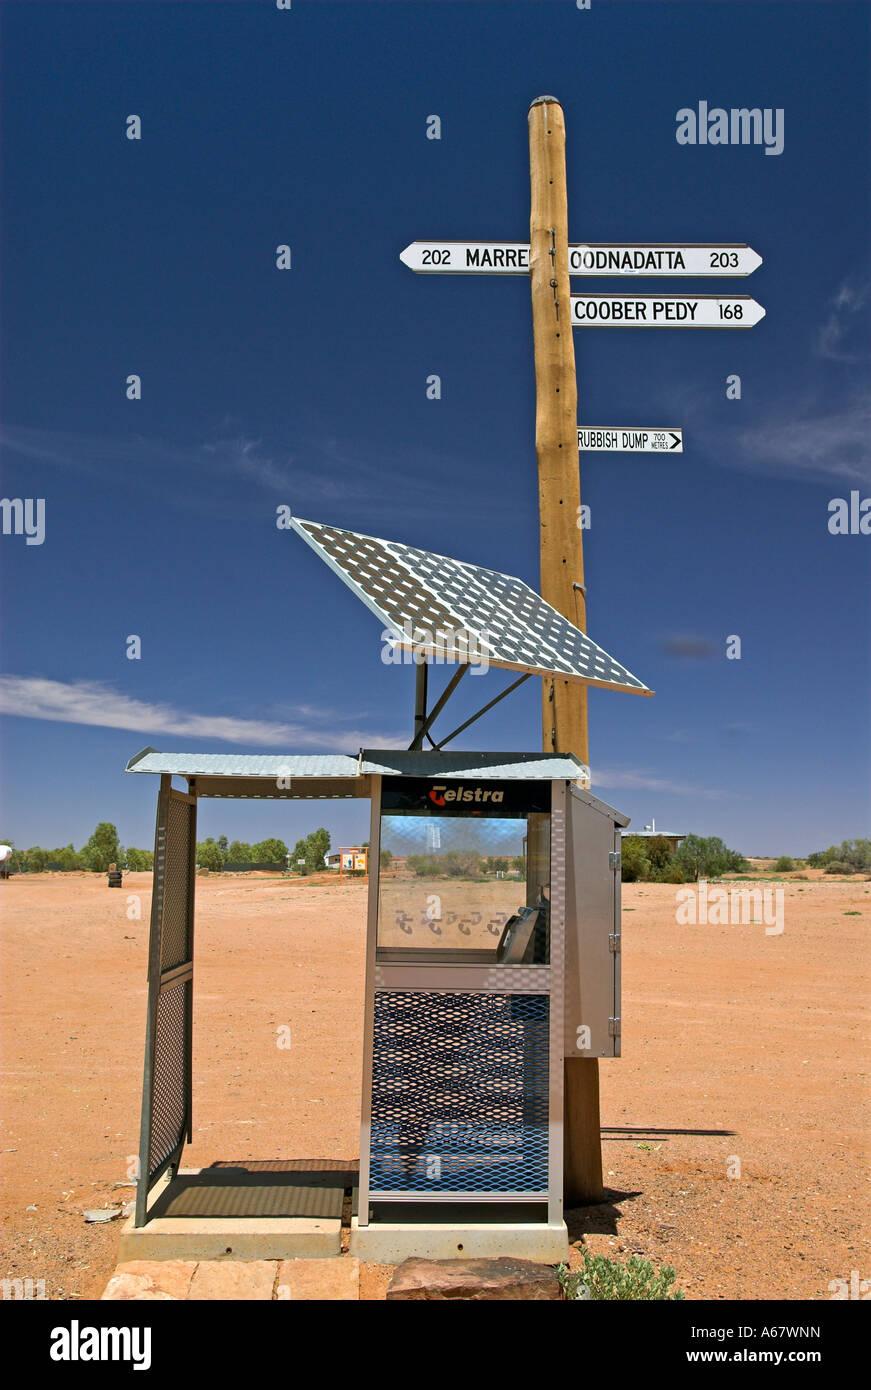 Phone Booth impulsados por energía solar en William Creek, South Australia, Australia Imagen De Stock